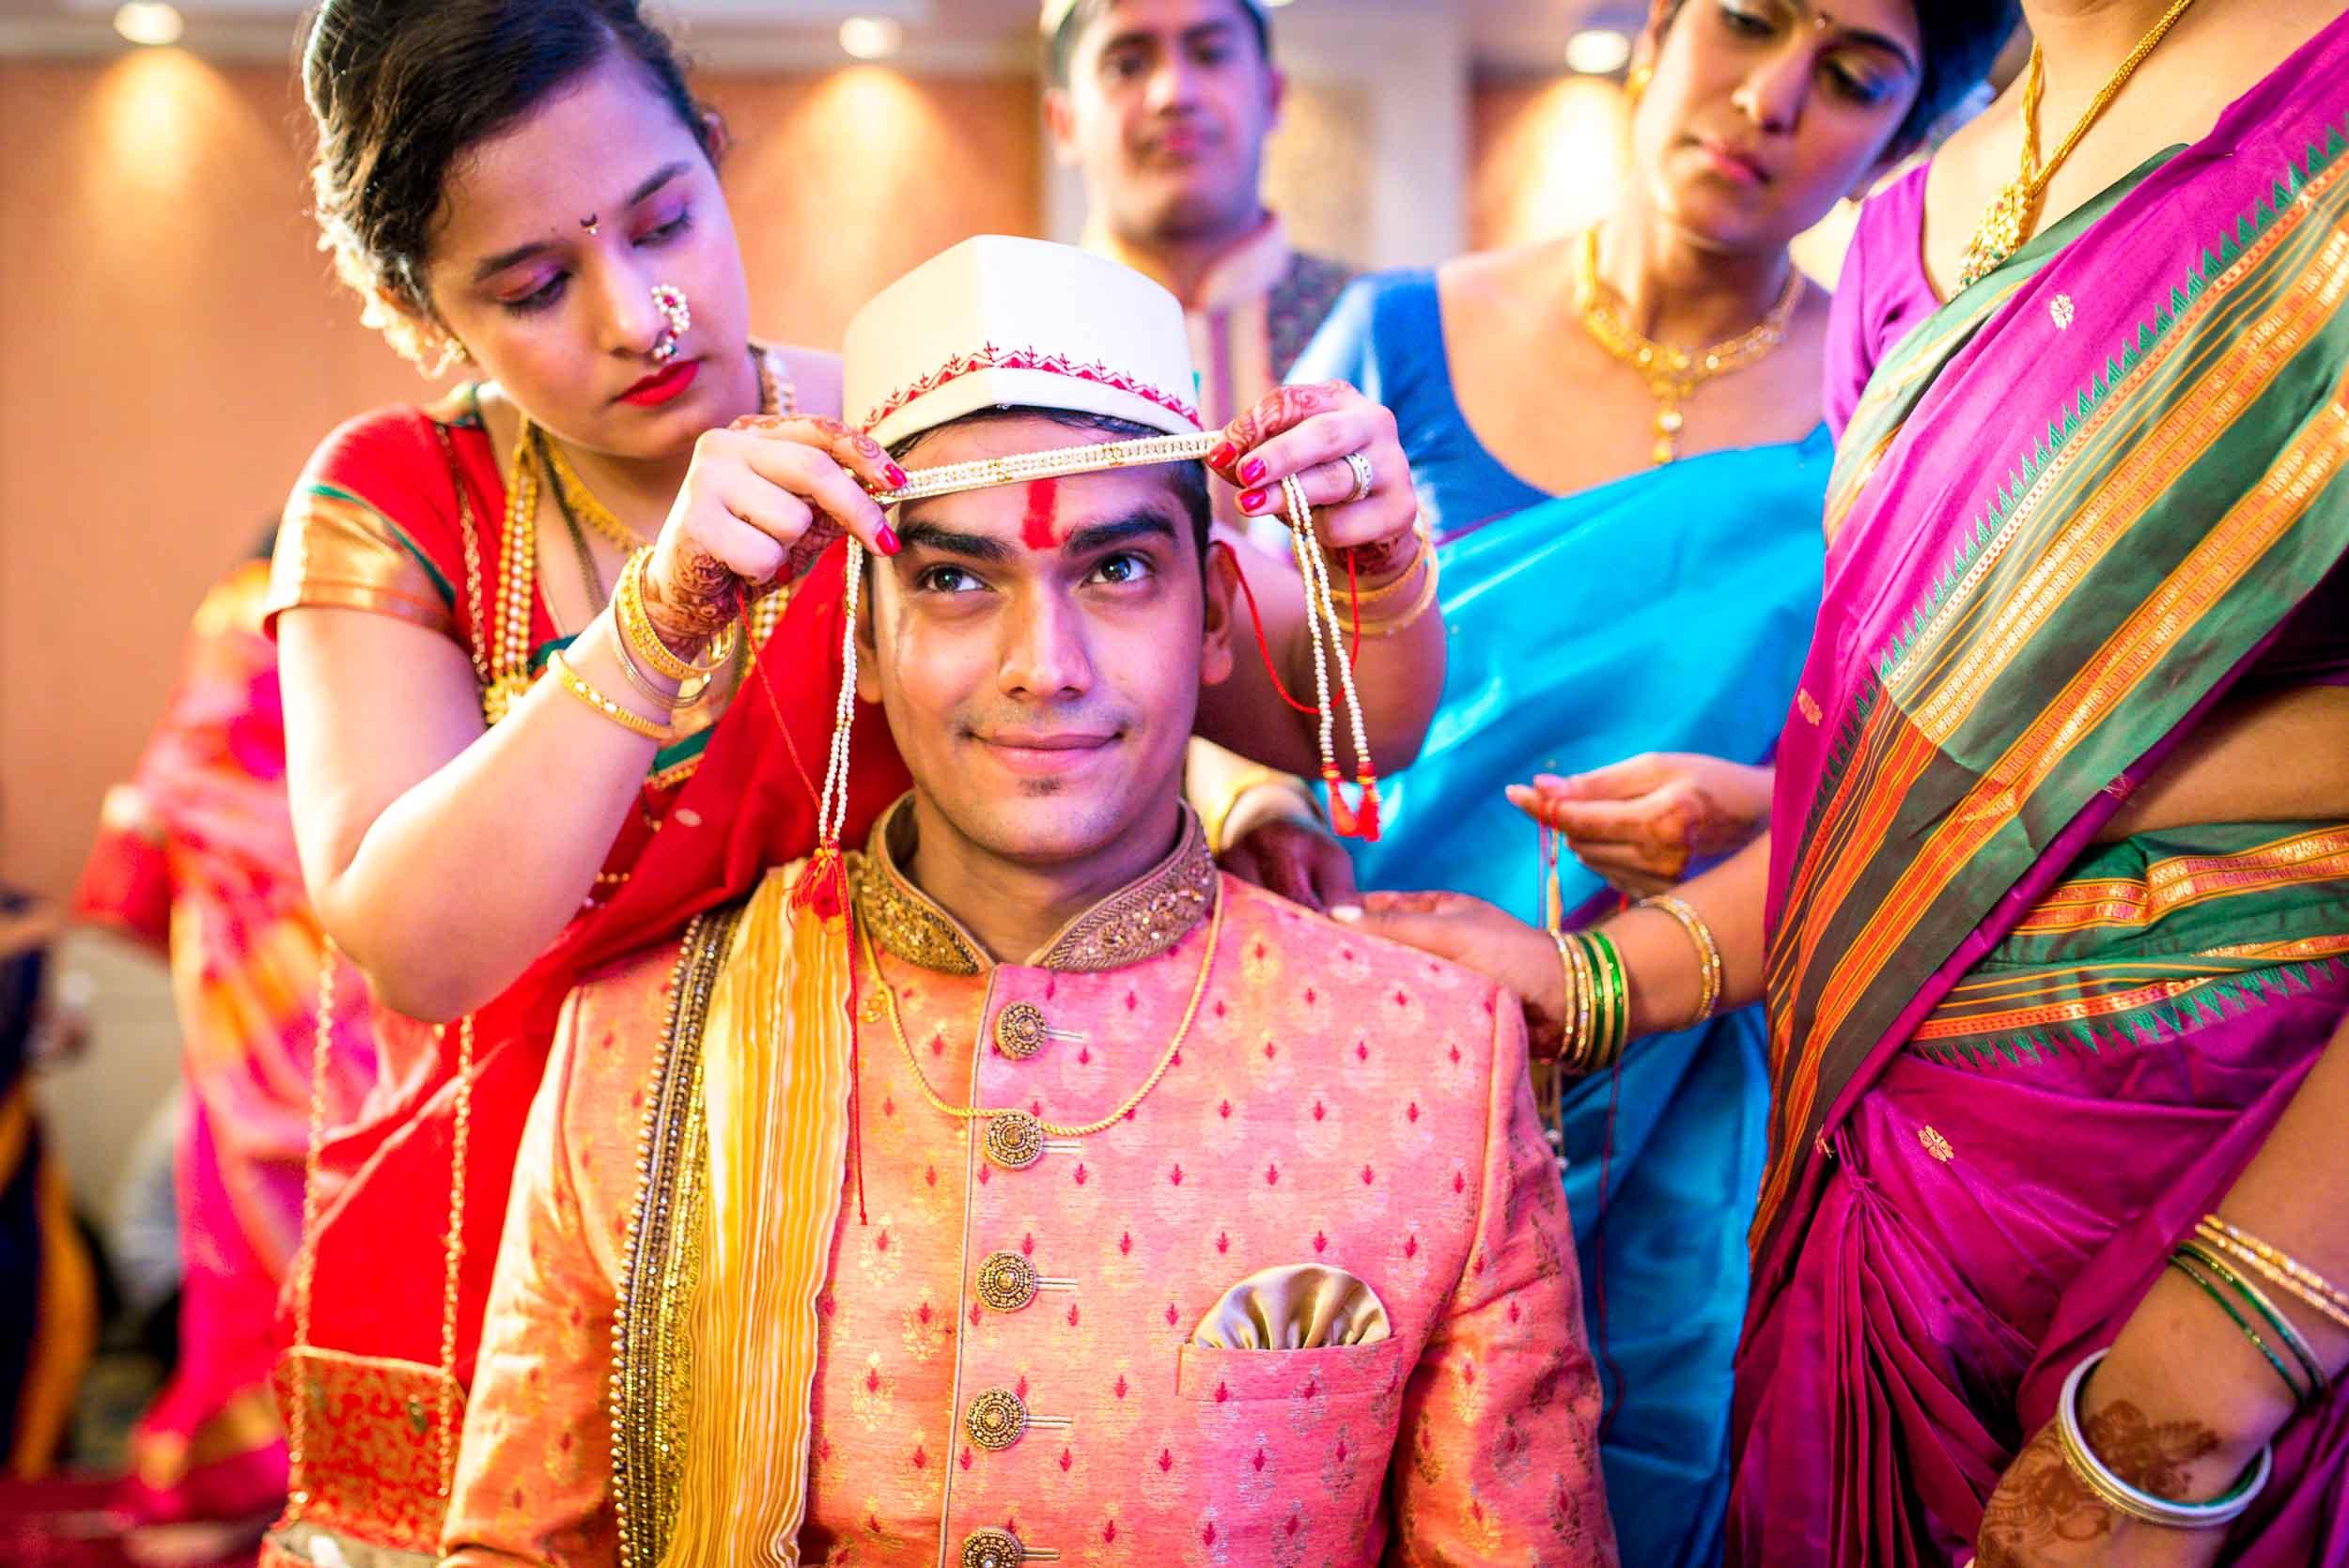 mumbai-pune-wedding-46.jpg